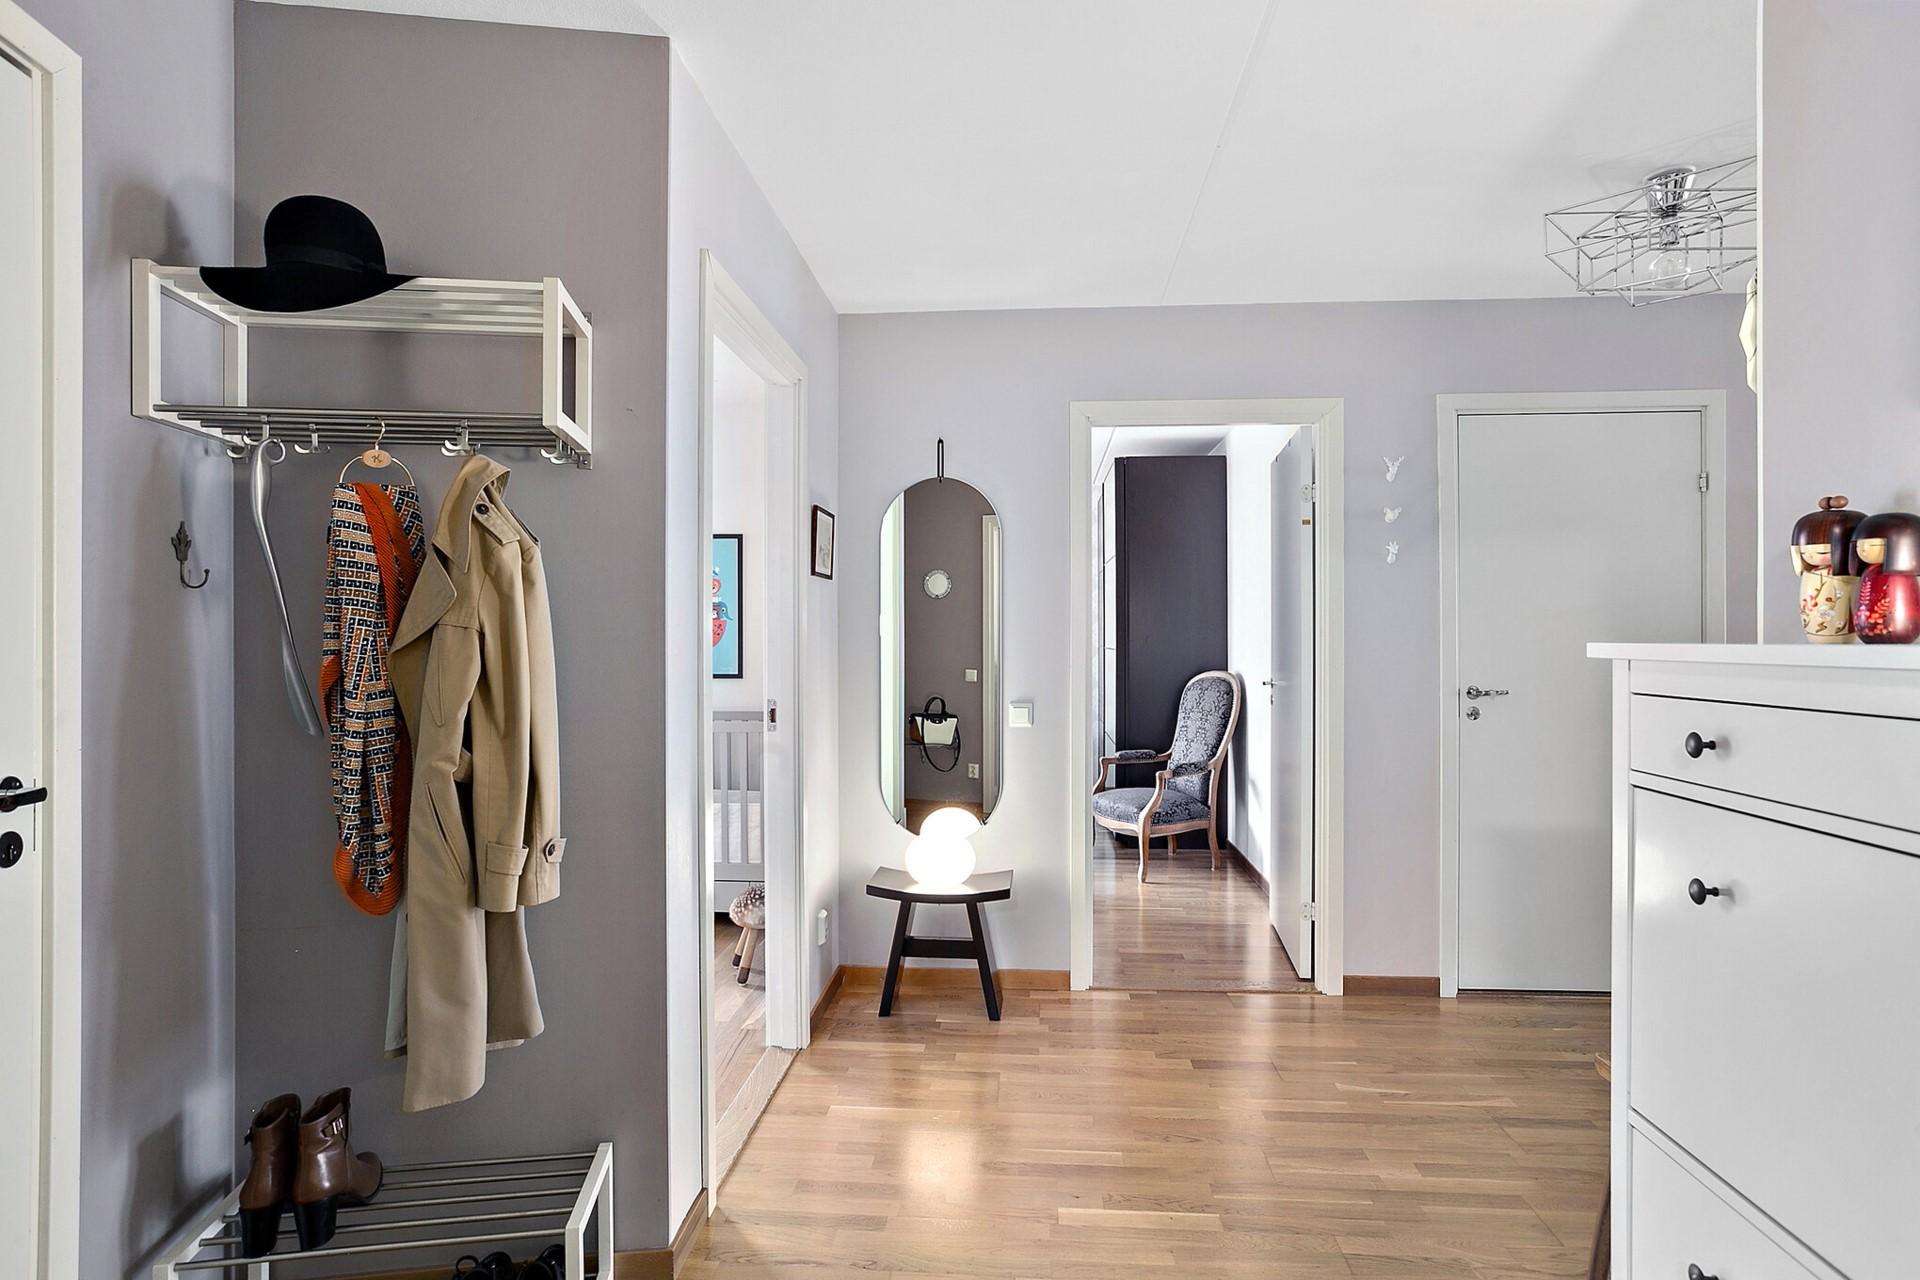 Sjöviksvägen 39, 5tr - Rymlig hall med plats för avhängning samt förvaring i stor klädkammare.